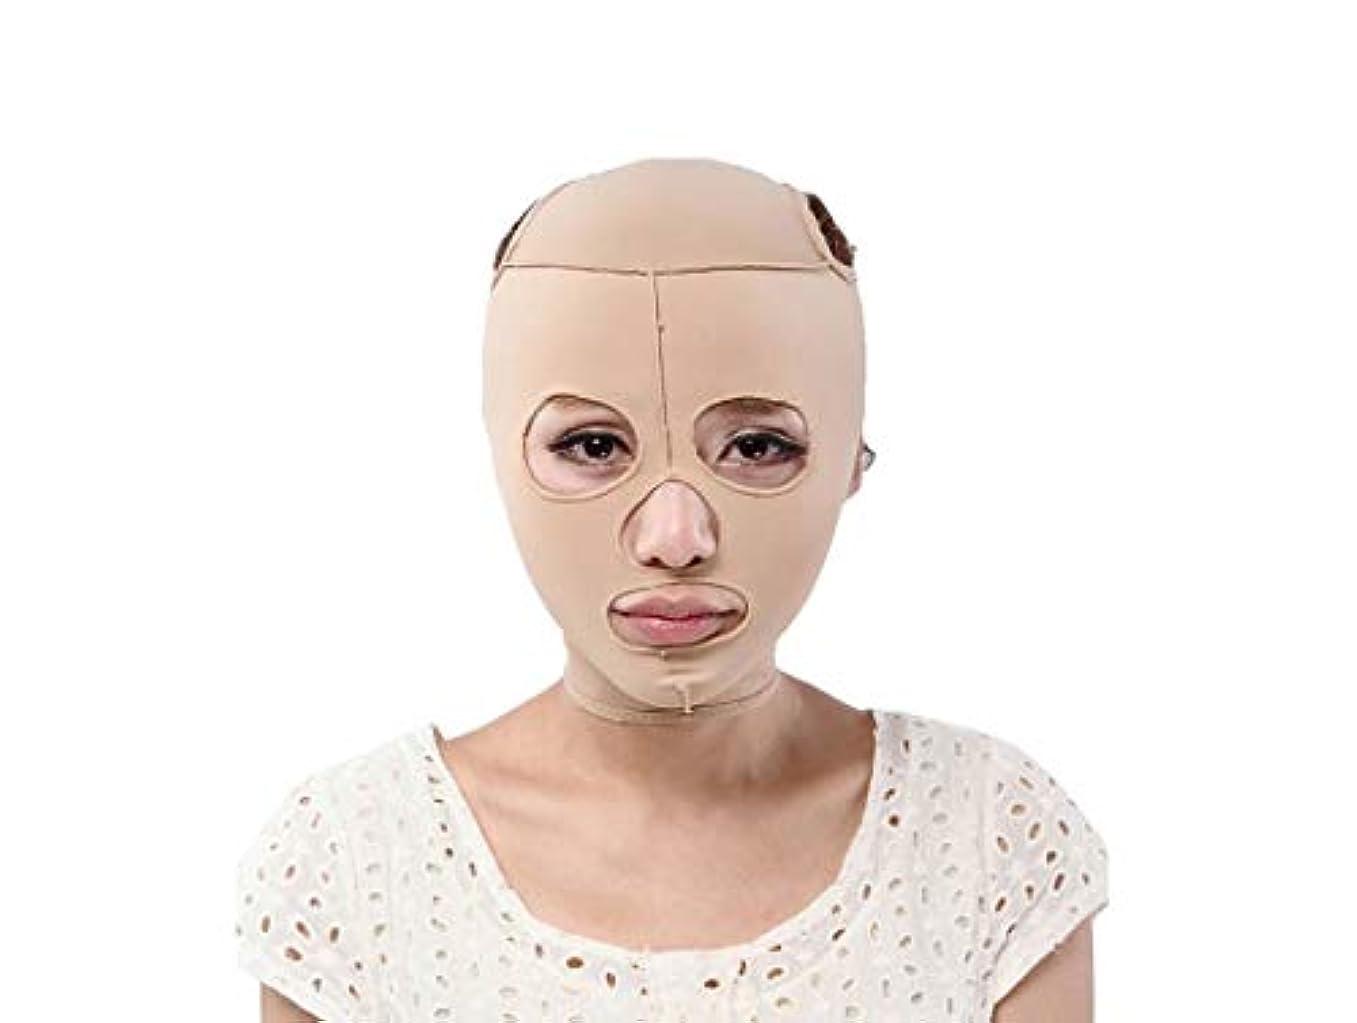 八百屋さん出演者自伝XHLMRMJ 痩身ベルト、フェイスマスク薄い顔楽器リフティング引き締めvフェイス男性と女性フェイスリフティングステッカー二重あごフェイスリフティングフェイスマスク包帯フェイシャルマッサージ (Size : S)